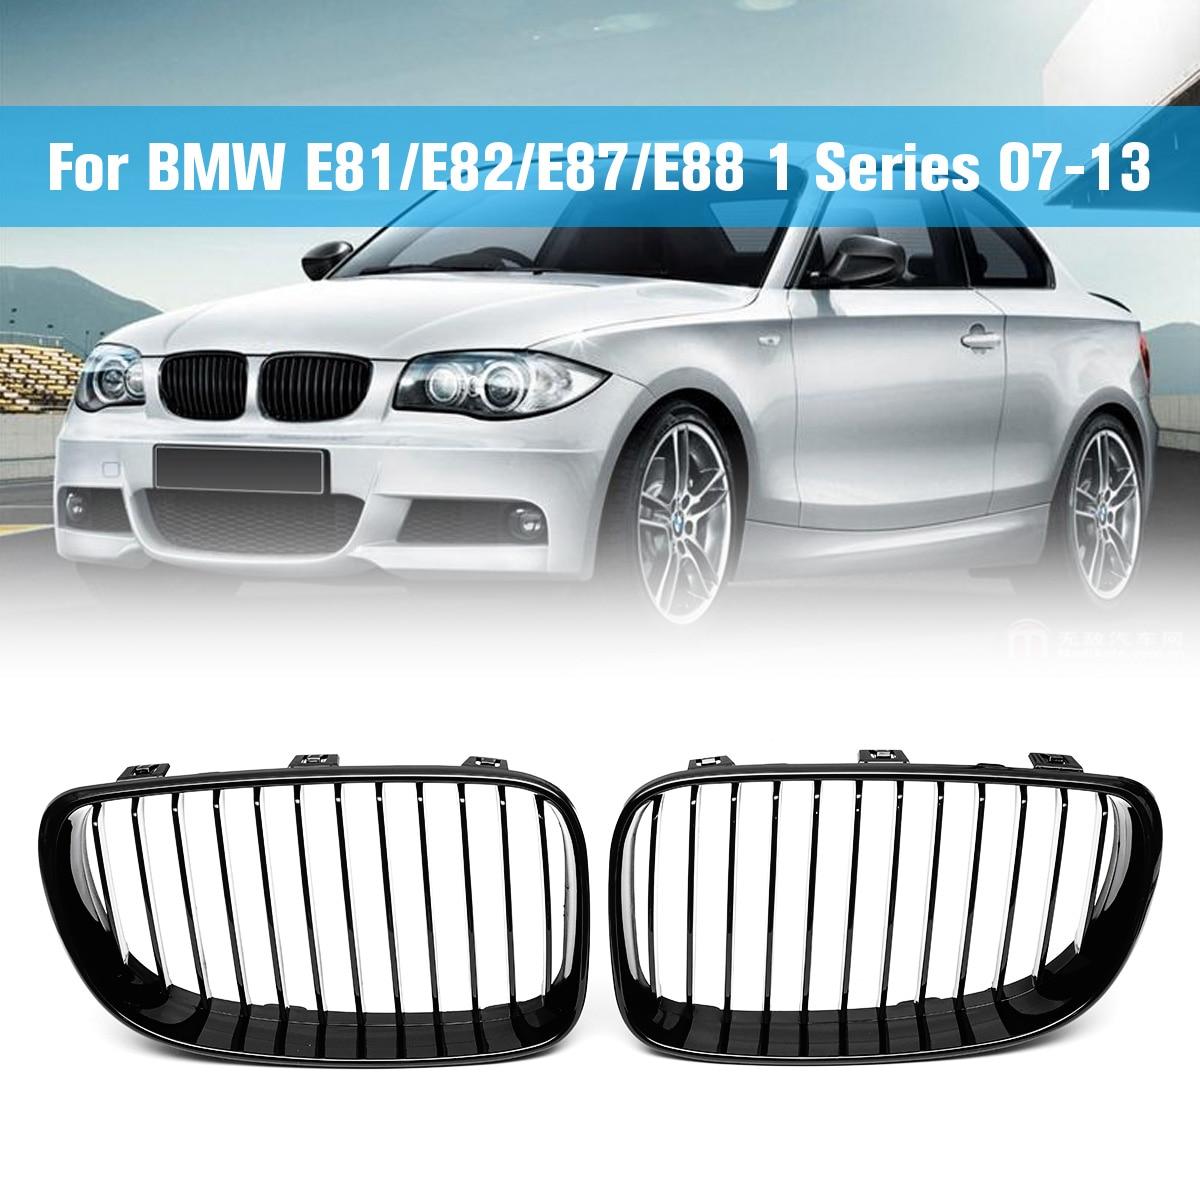 Paire ABS brillant noir mat M couleur Grille de calandre avant pour BMW 1 série E81 E82 E87 E88 2007 2008 2009 2010 2011 2012 2013